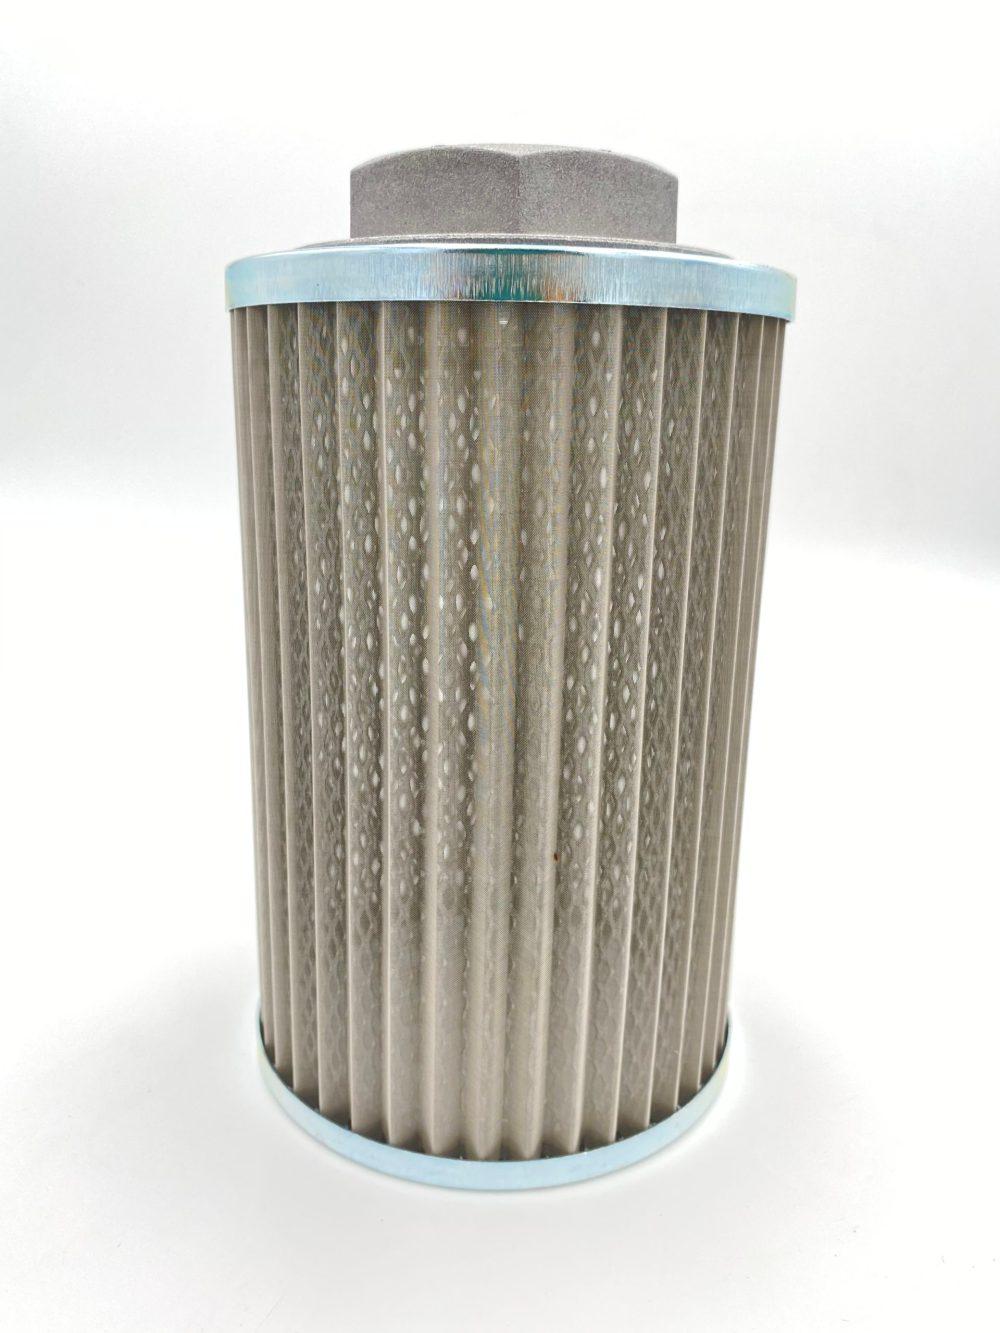 GEM-FA UKE 030 Air Filter Element for B-GENIUS 10-150 and B-GENIUS 14-250 Press Brakes